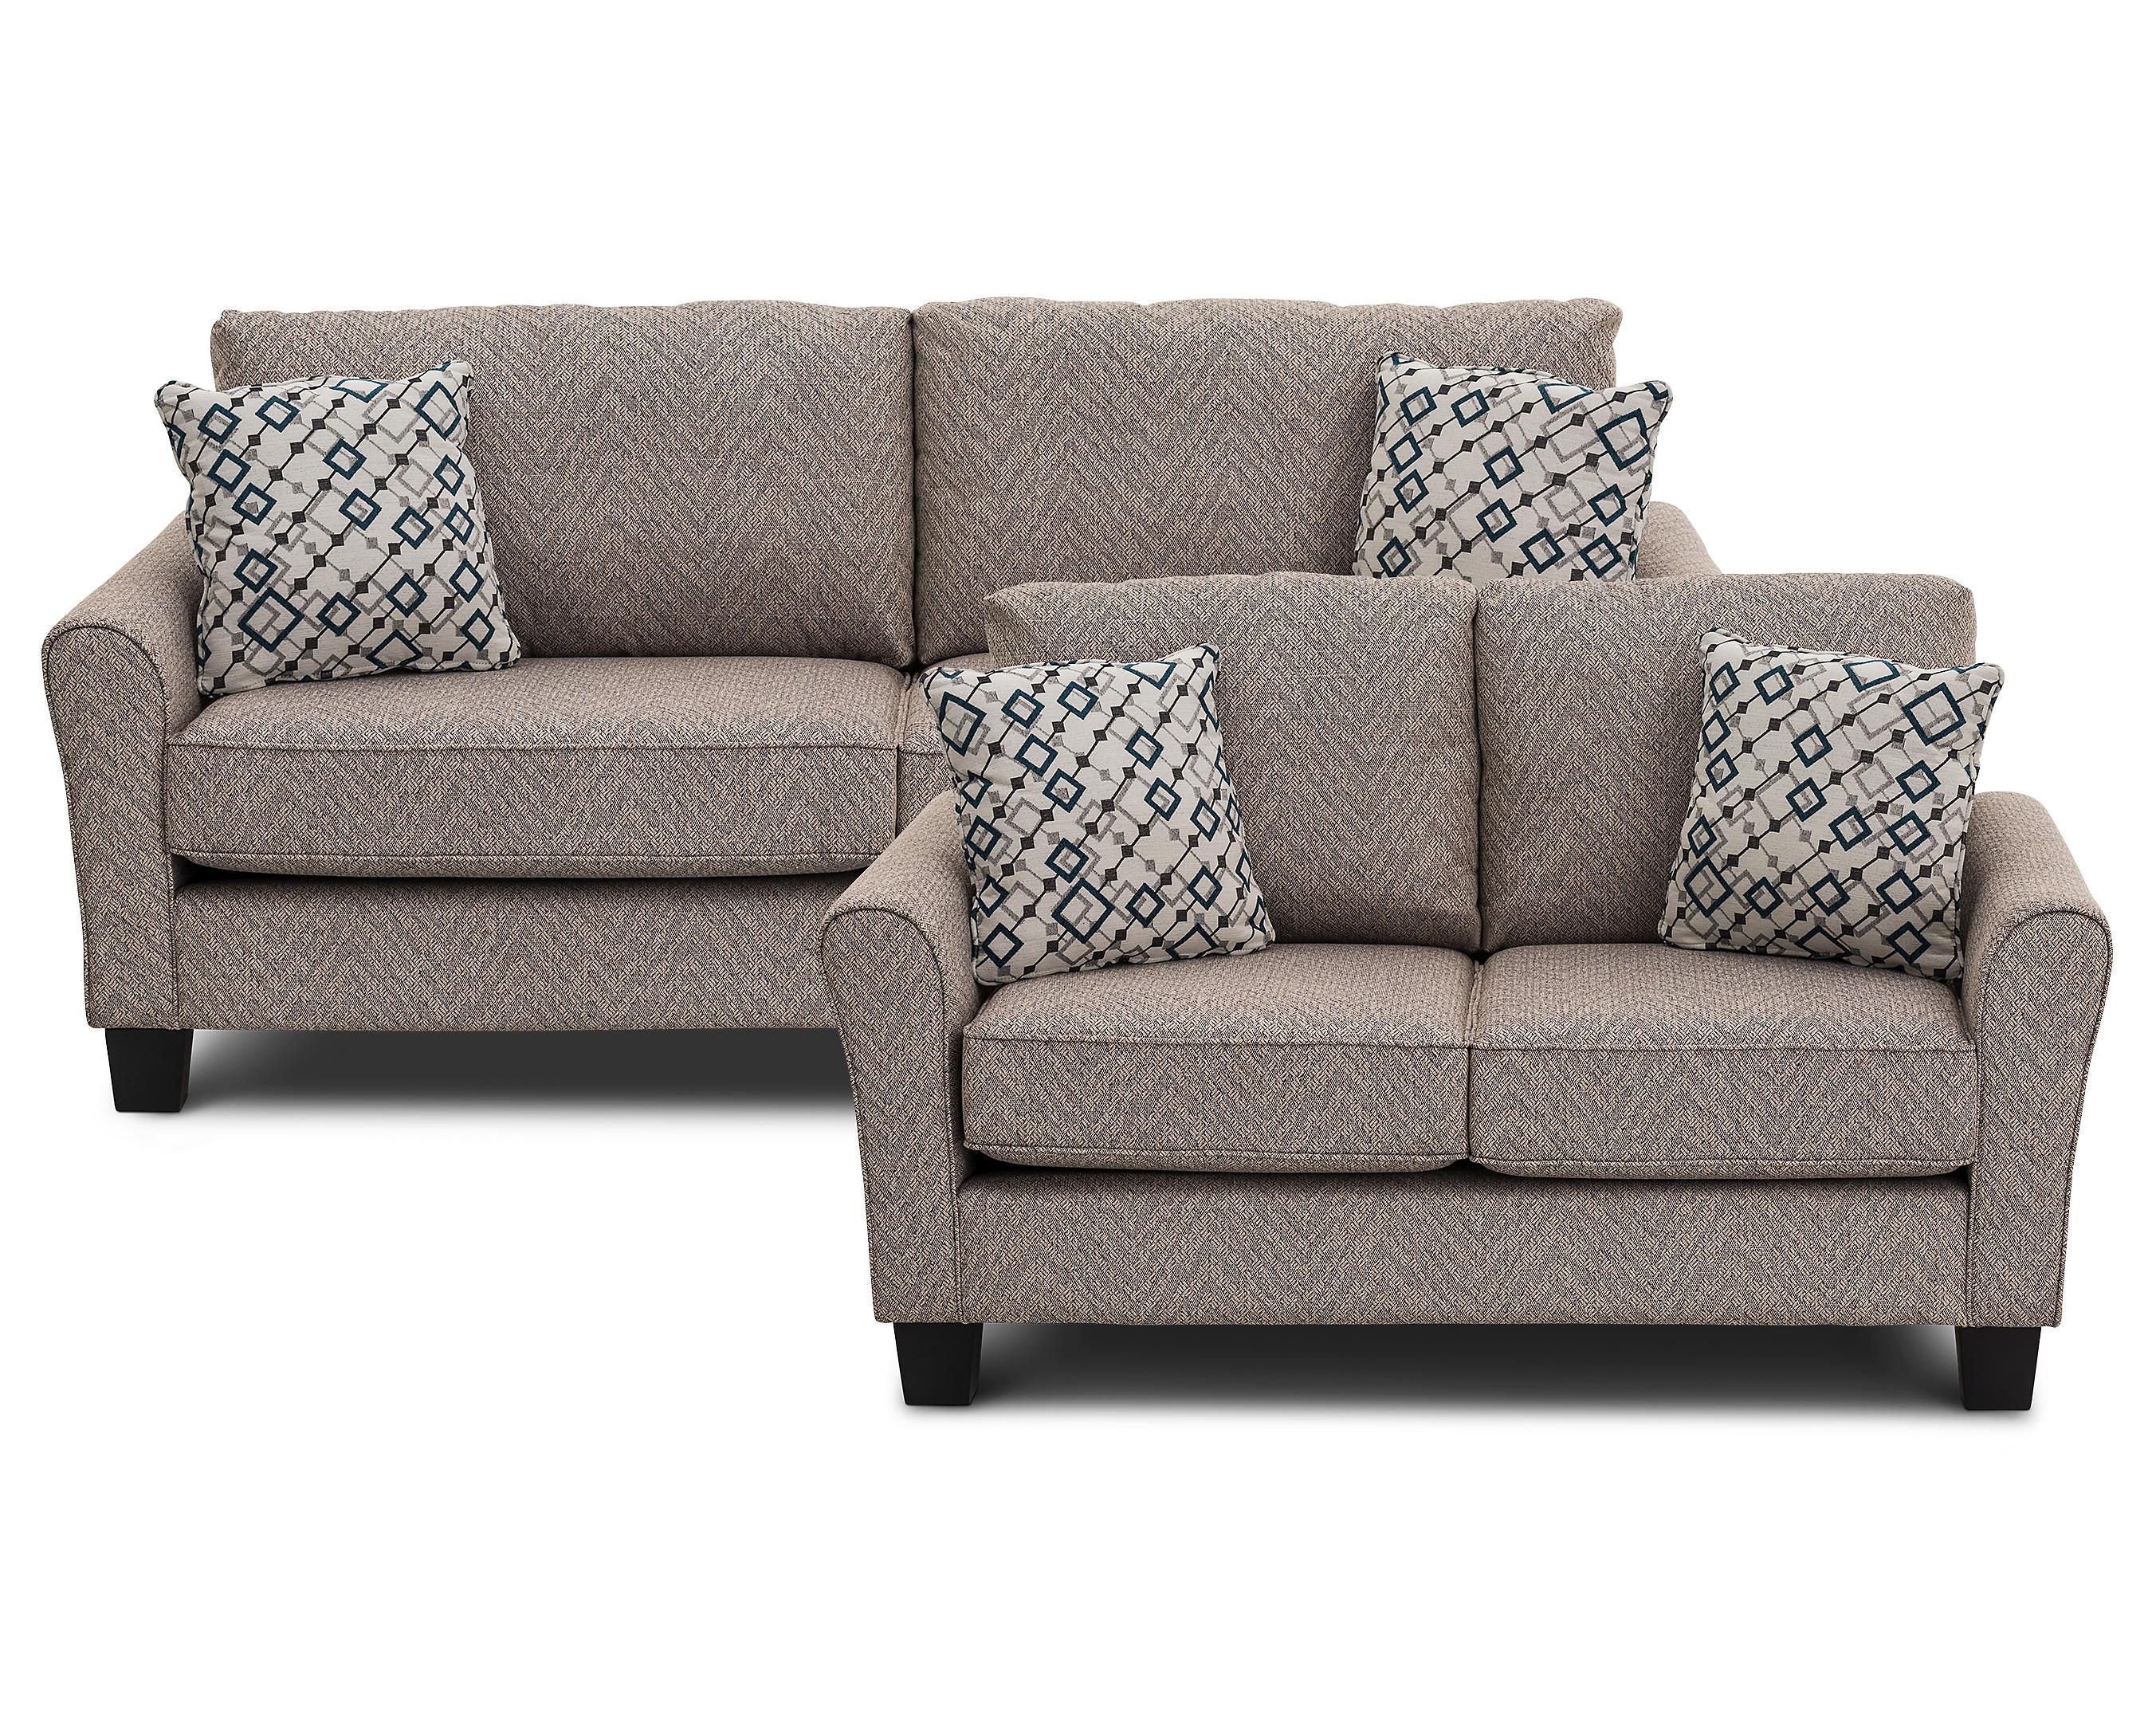 Kites Sofa Set Furniture Row